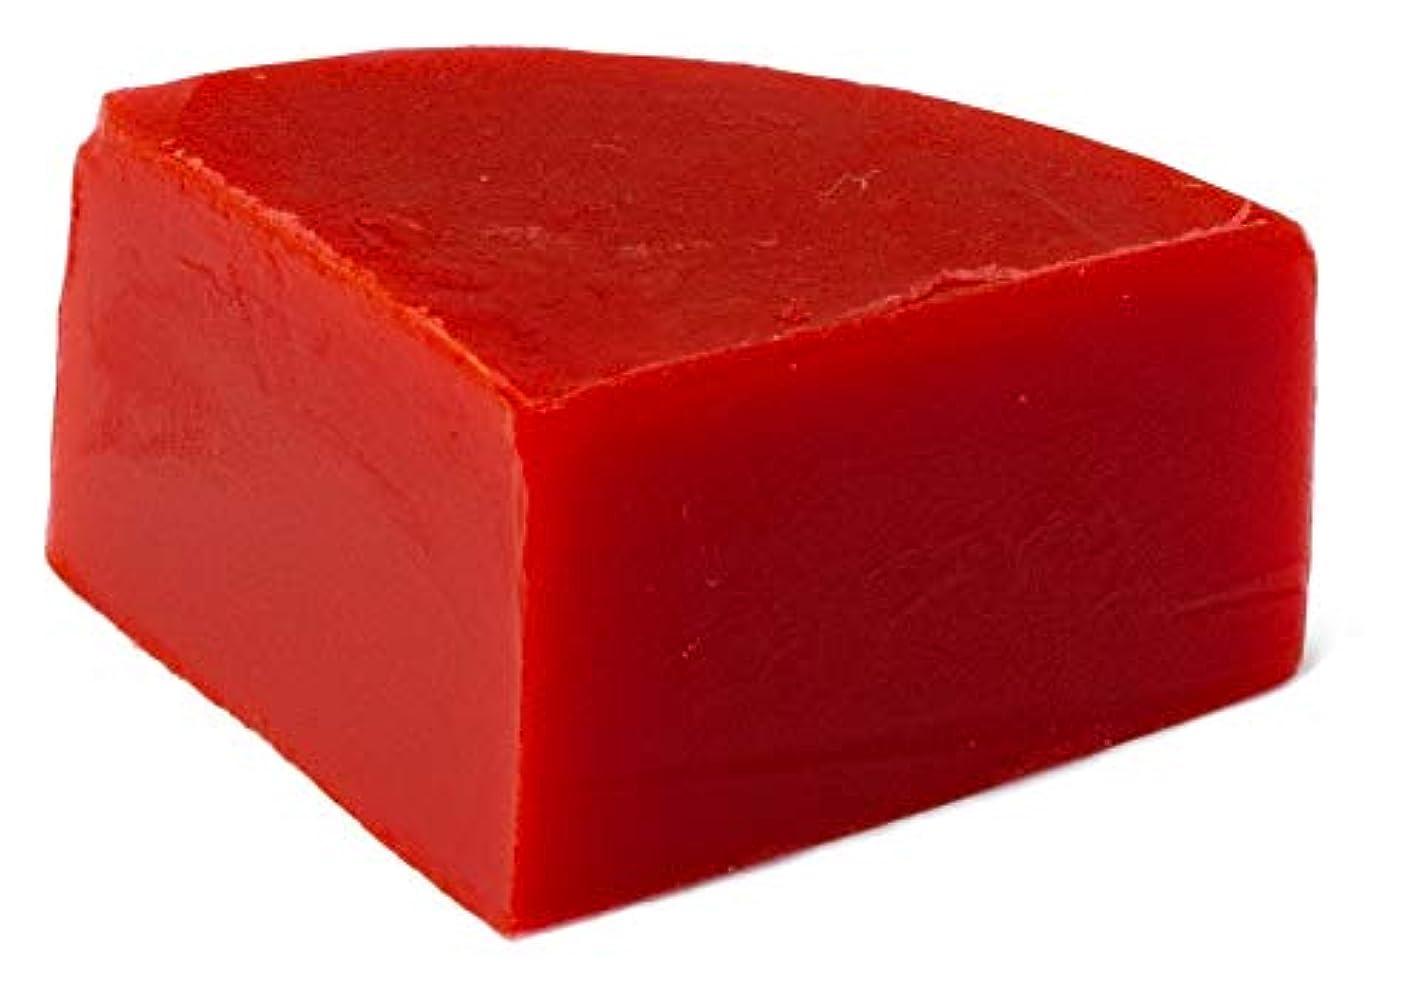 バイソン納税者リールグリセリン クリアソープ (MPソープ) 色チップ 赤 25g